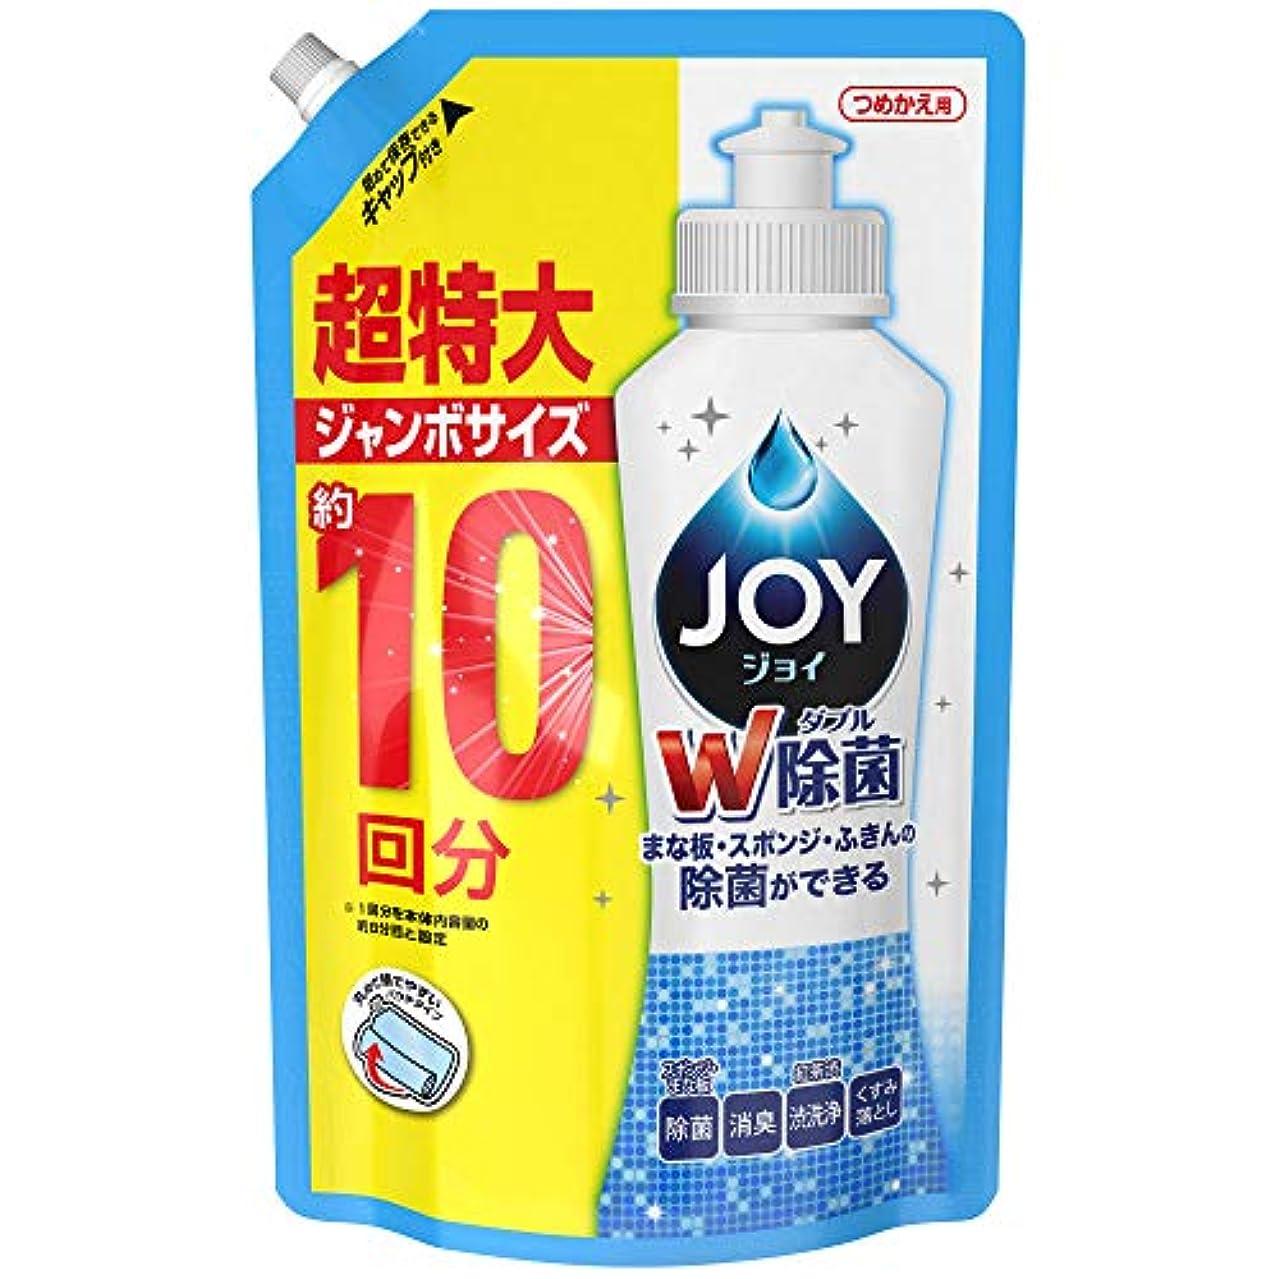 フロンティアパーツ儀式除菌ジョイ コンパクト 食器用洗剤 詰め替え ジャンボ 1445mL